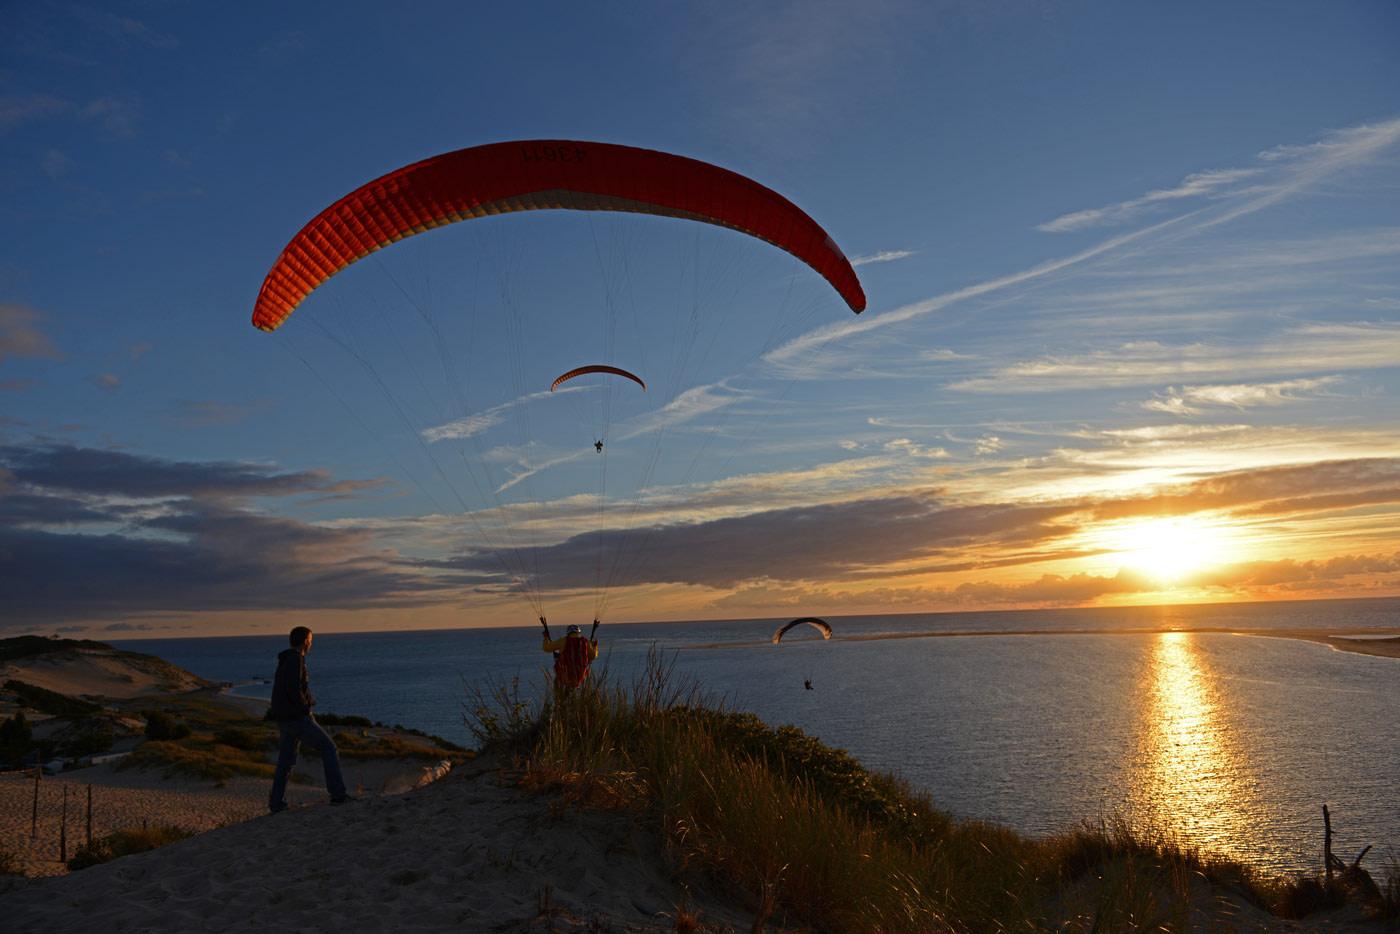 Eine Flugreise an die Düne lohnt sich für Anfänger im Gleitschirmsport wie für Flugschüler und Fortgeschrittene.